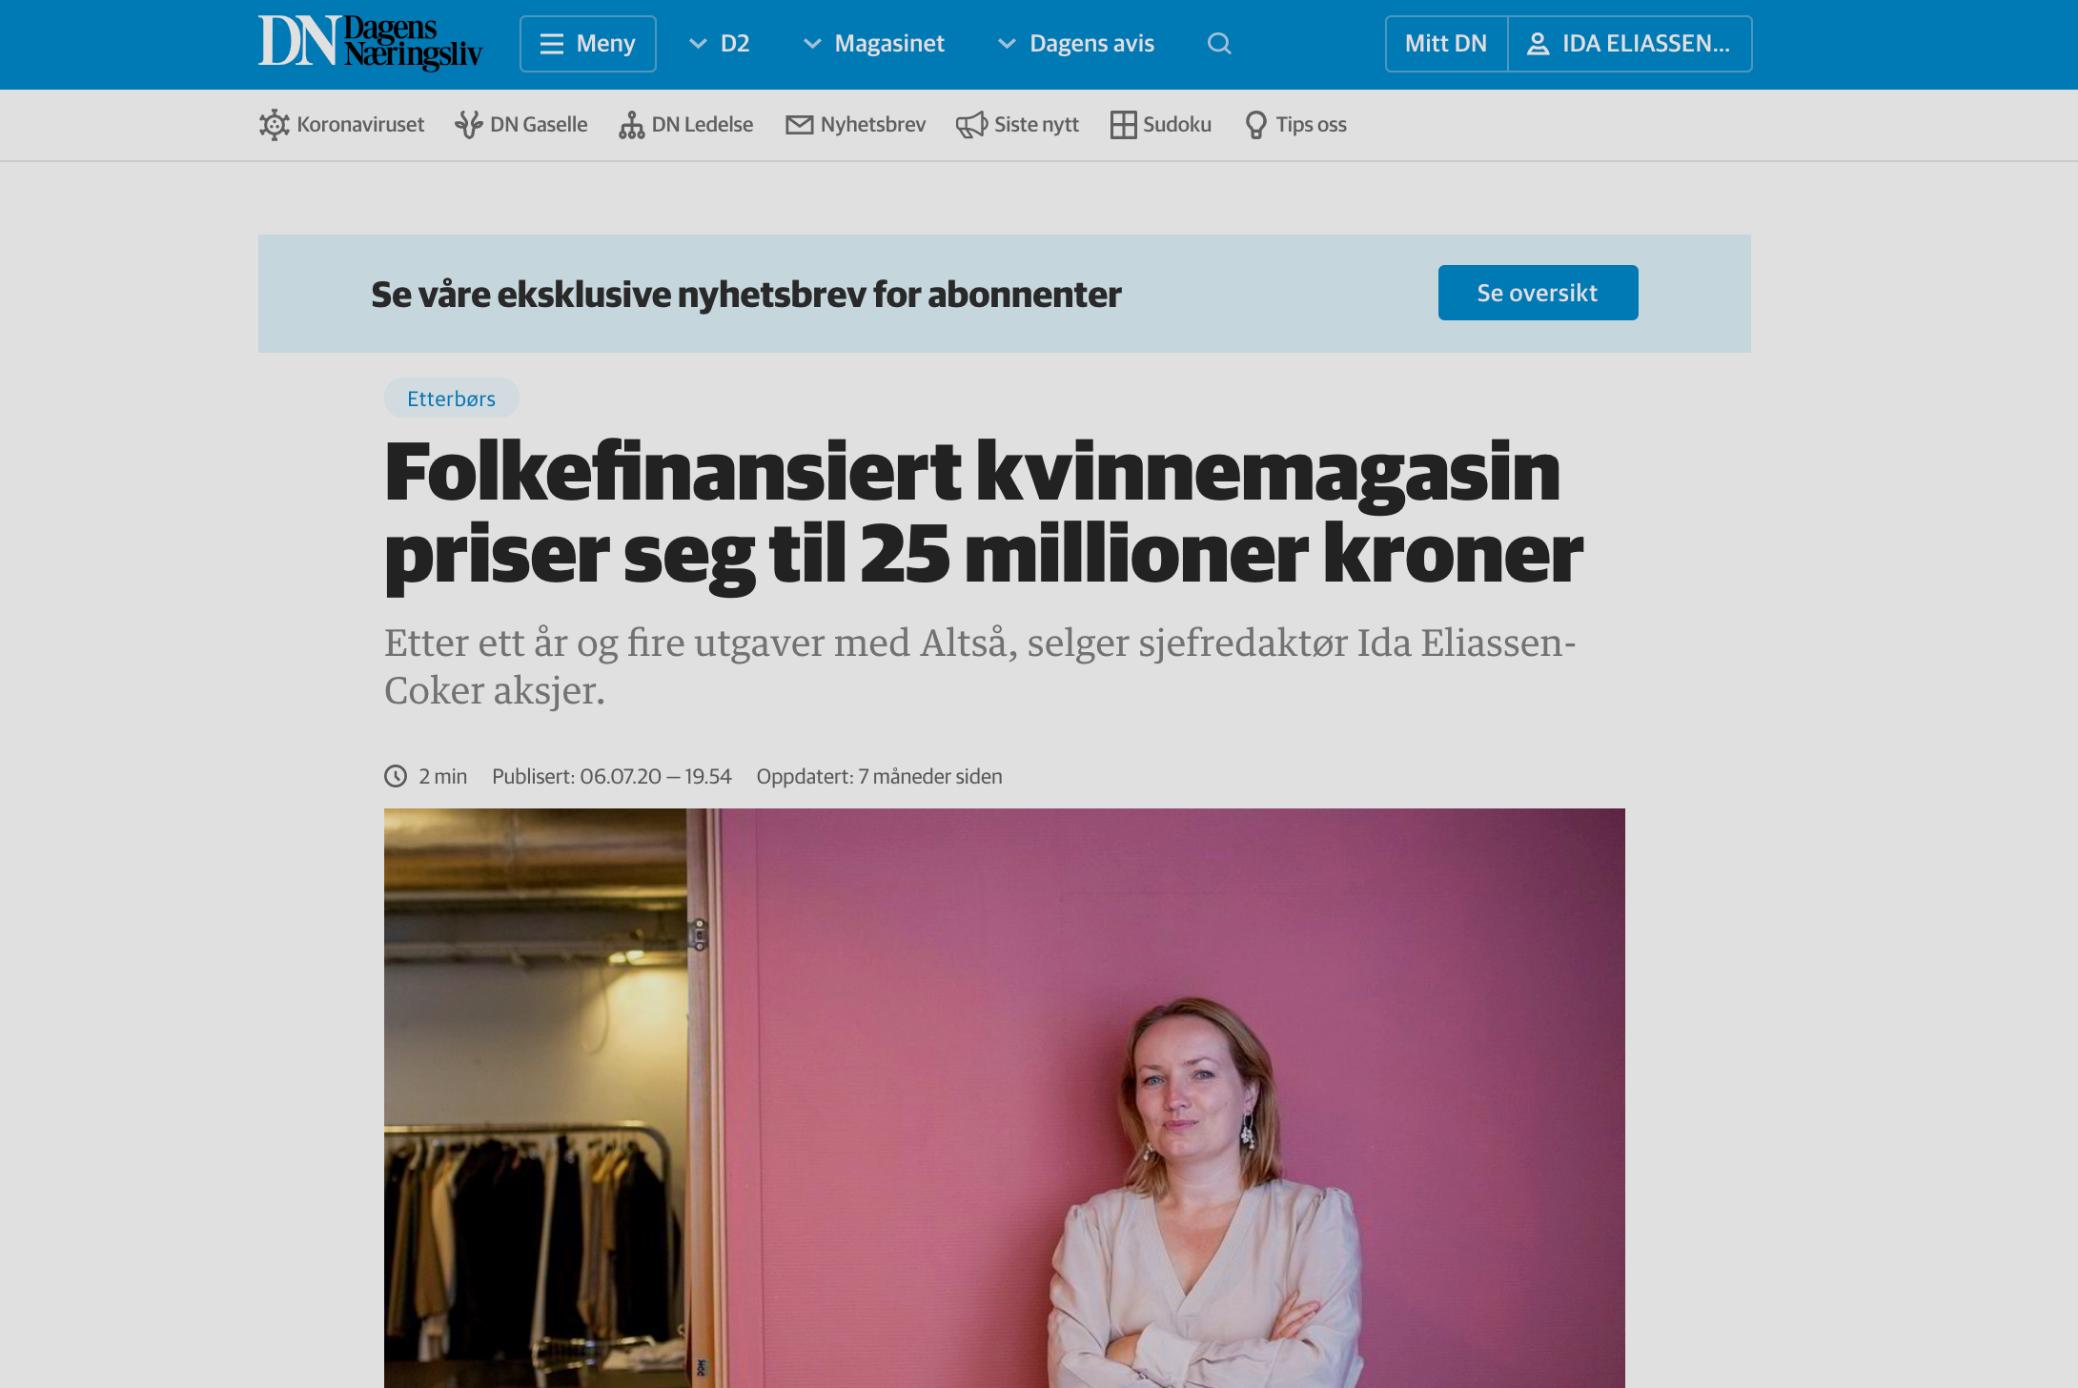 DN: Folkefinansiert kvinnemagasin priser seg til 25M